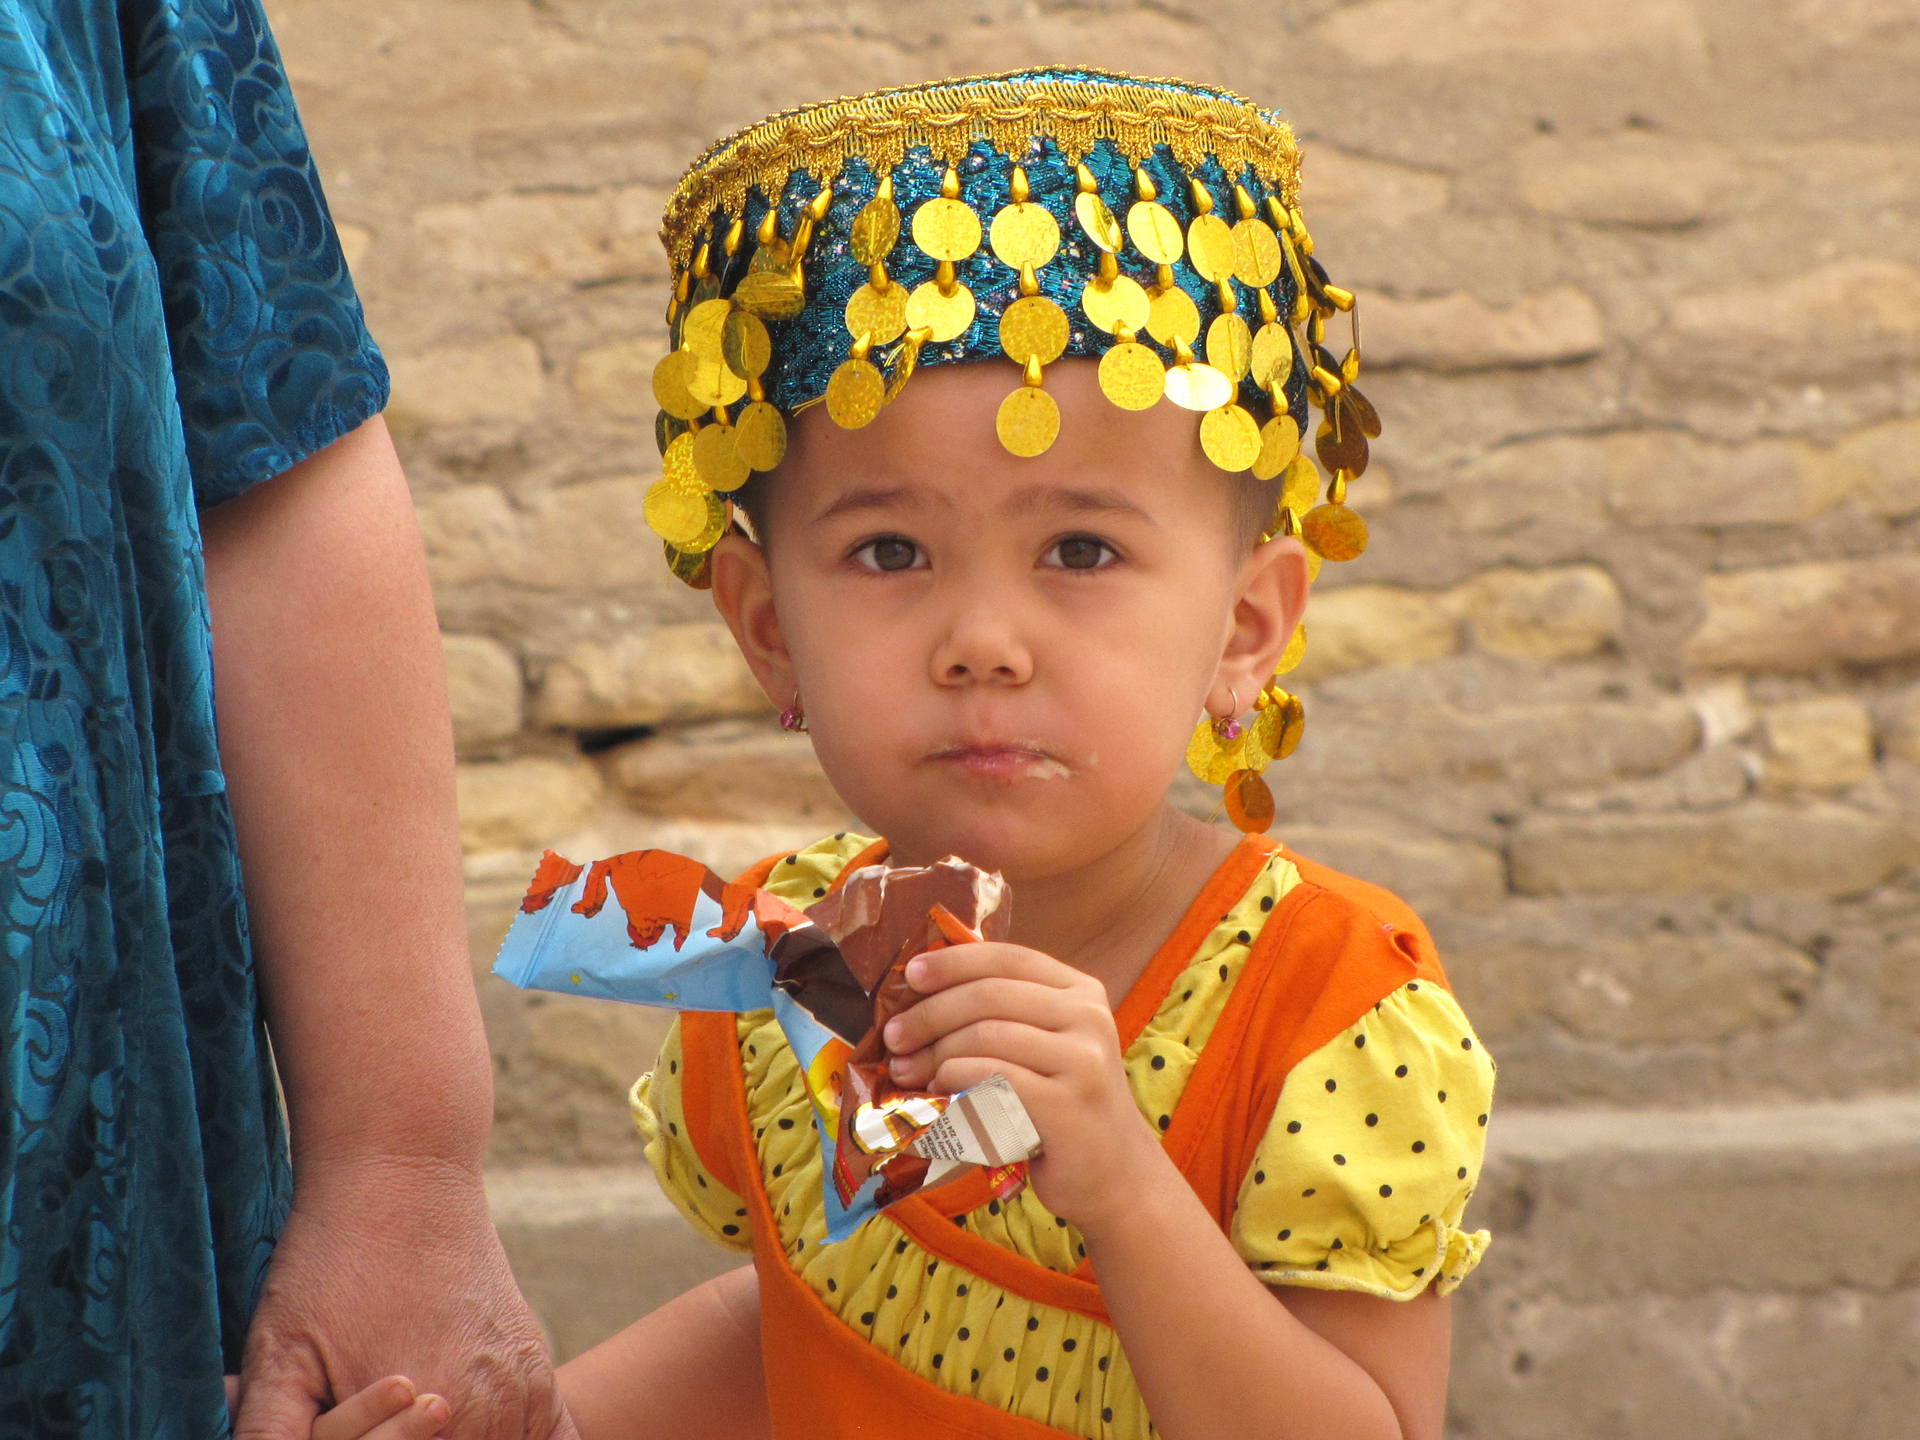 Usbekistan 2011 grp 1 A 075_red